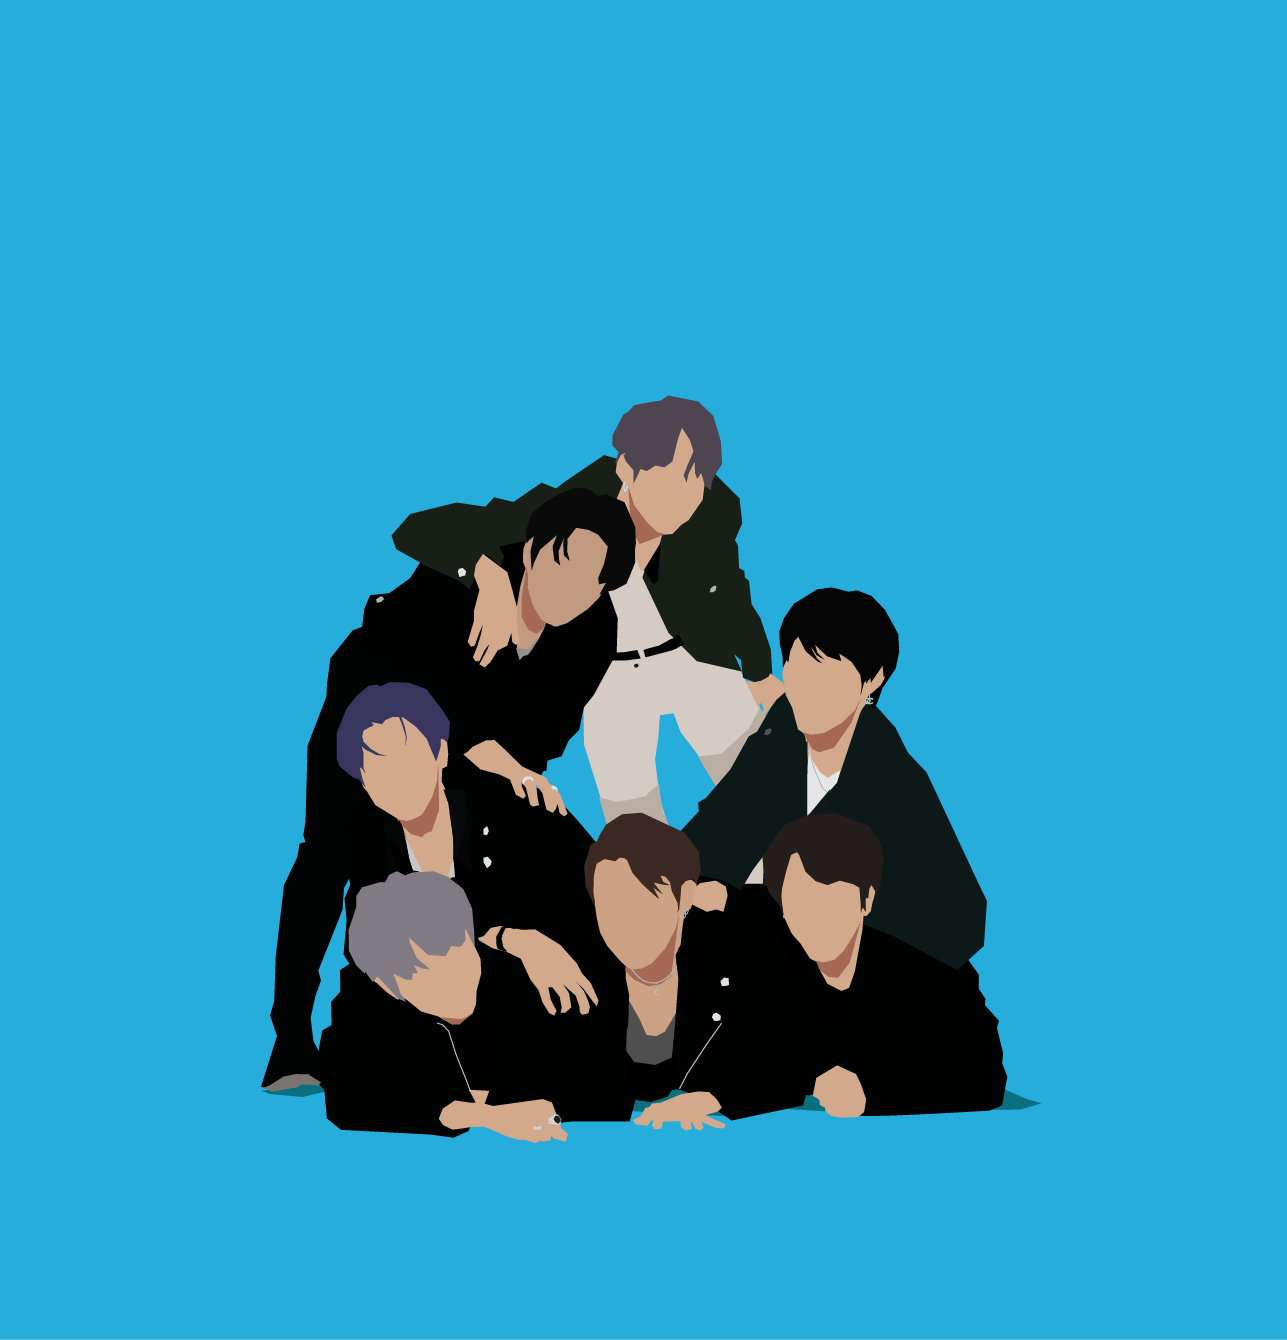 2020 VMA | Artist Spotlight Flipbook BTS by Hamed Hazel